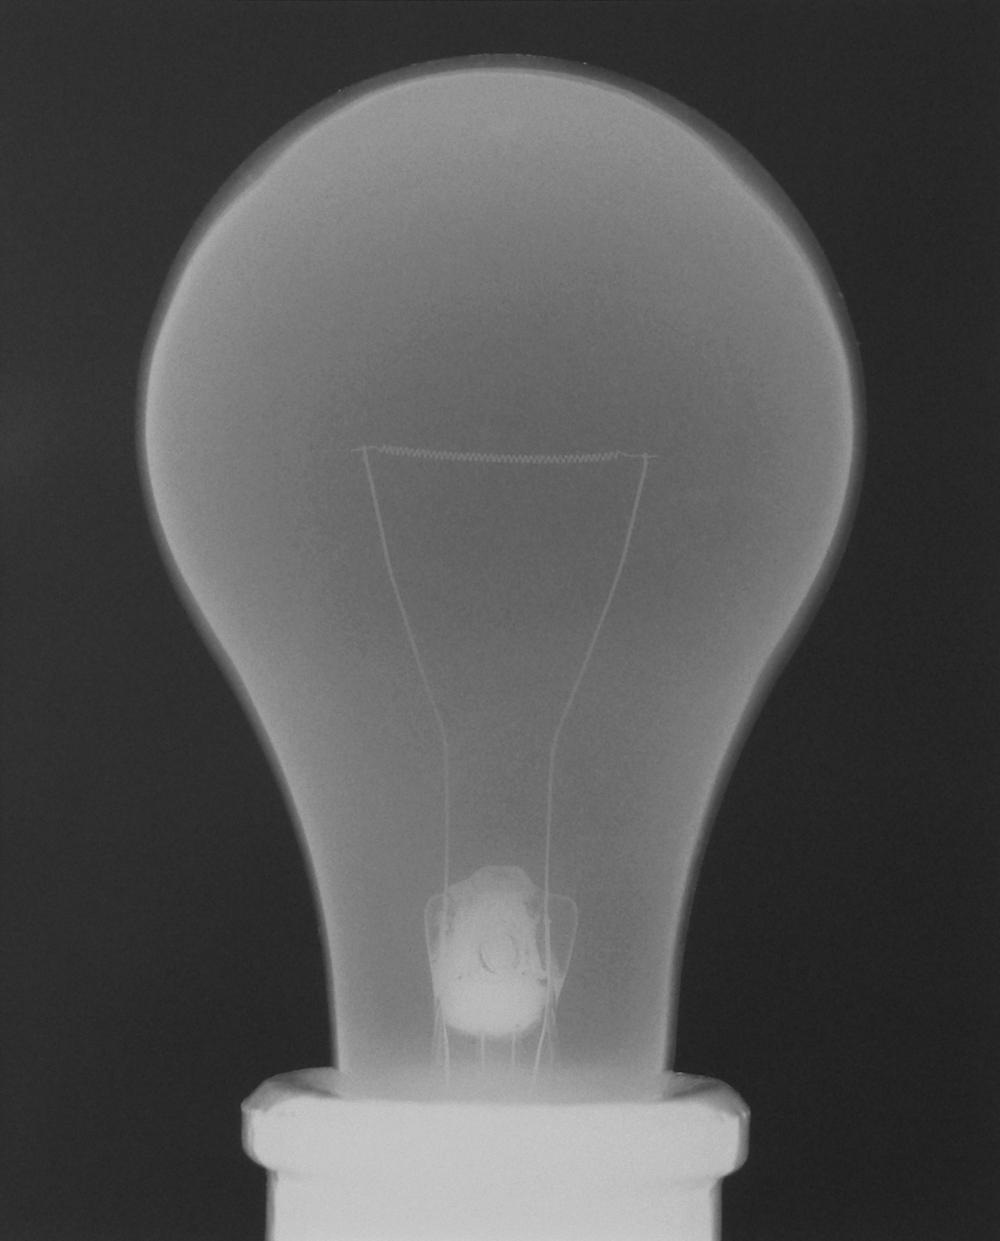 Light Bulb 22, 2006